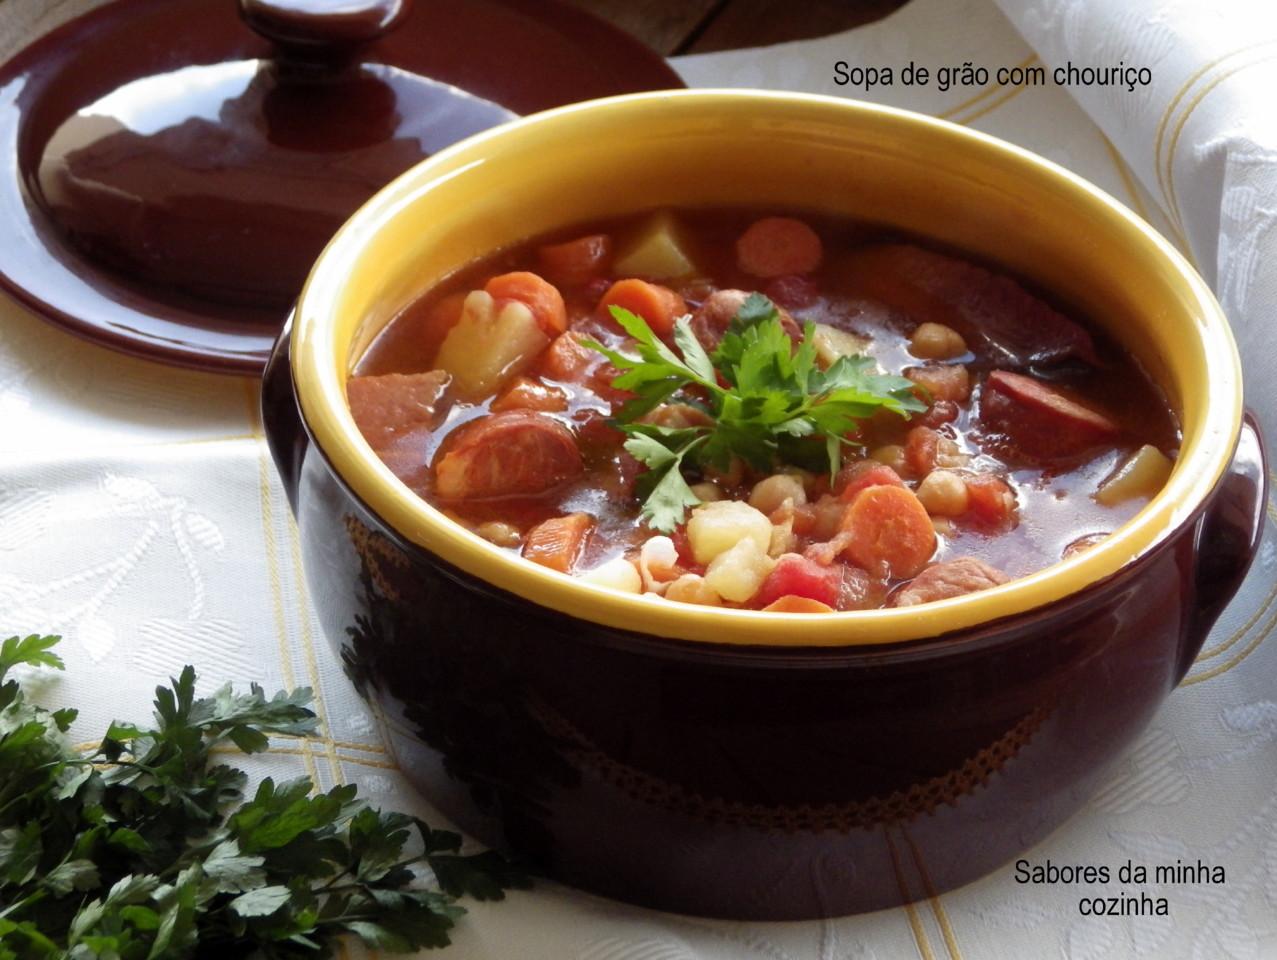 IMGP8359-Sopa de grão com chouriço-Blog.JPG